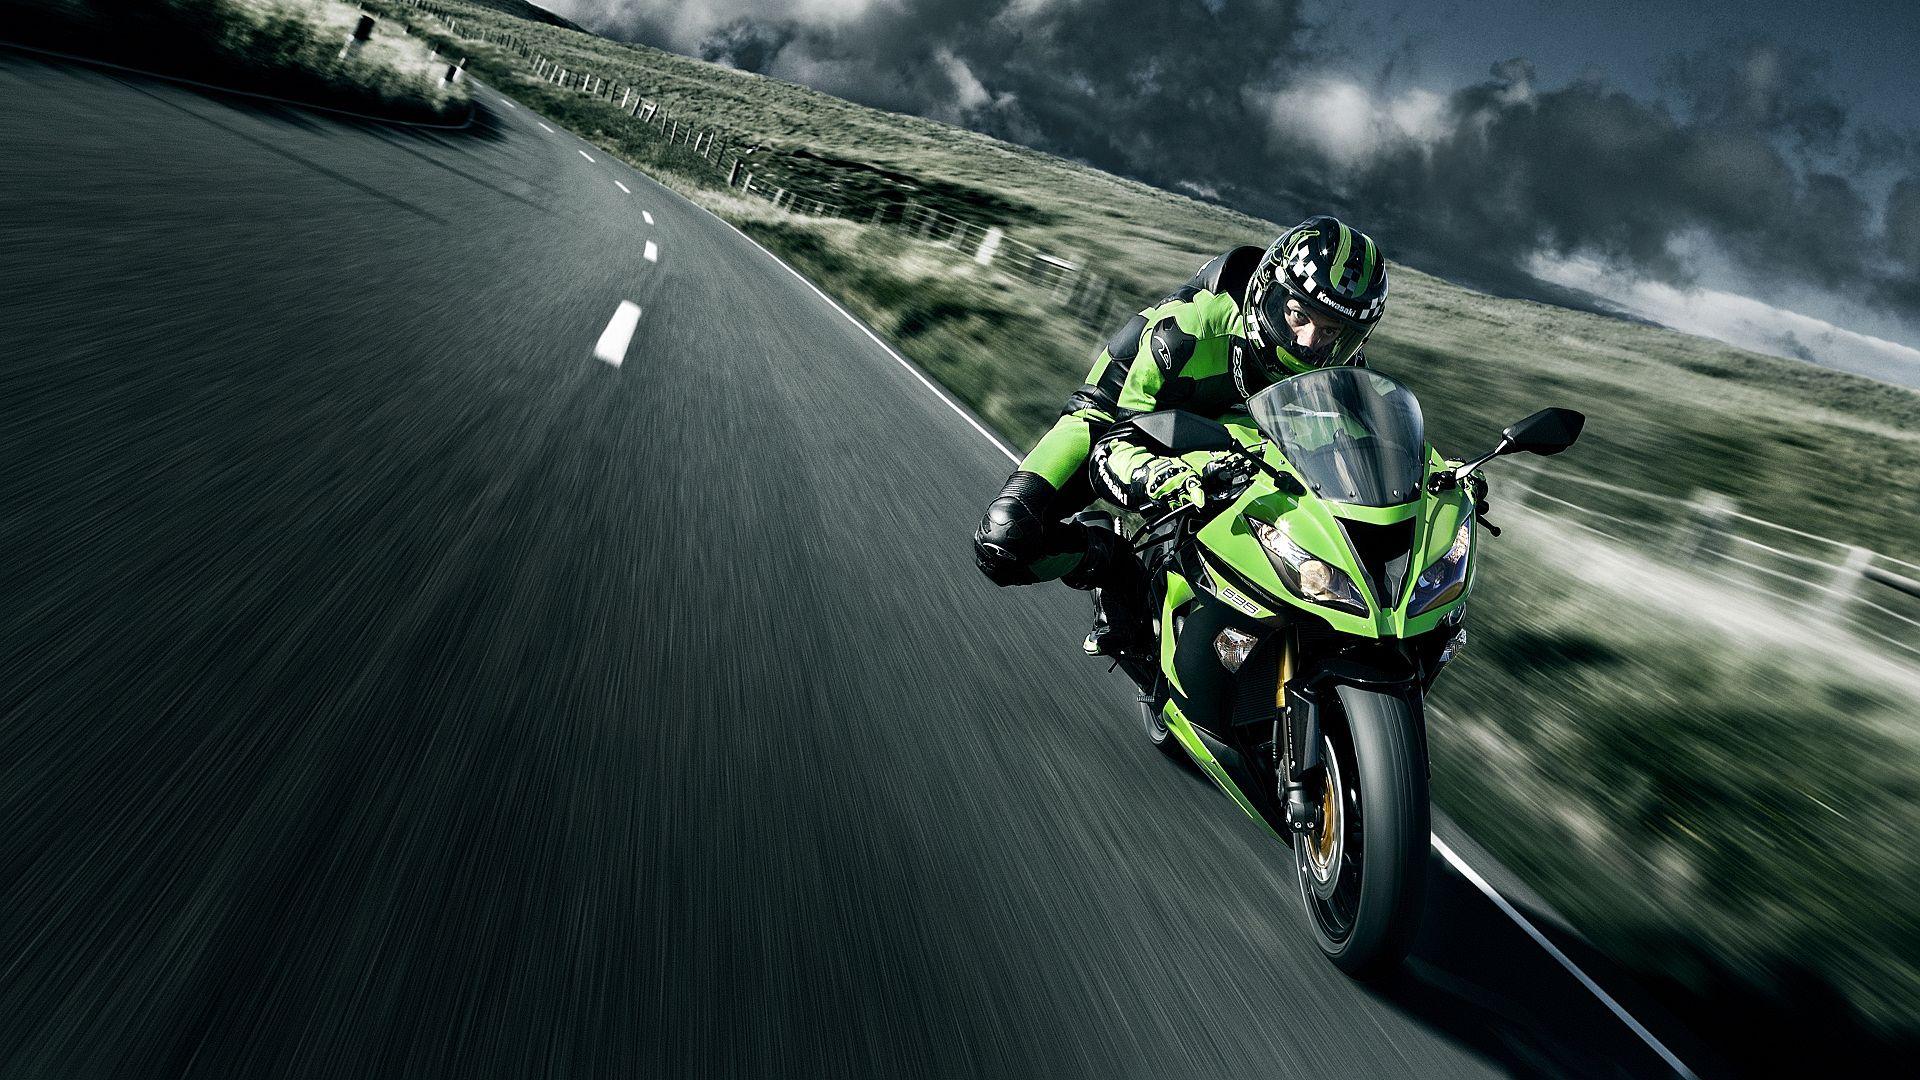 Fond D Cran Kawasaki Ide Daposimage Motorcycle